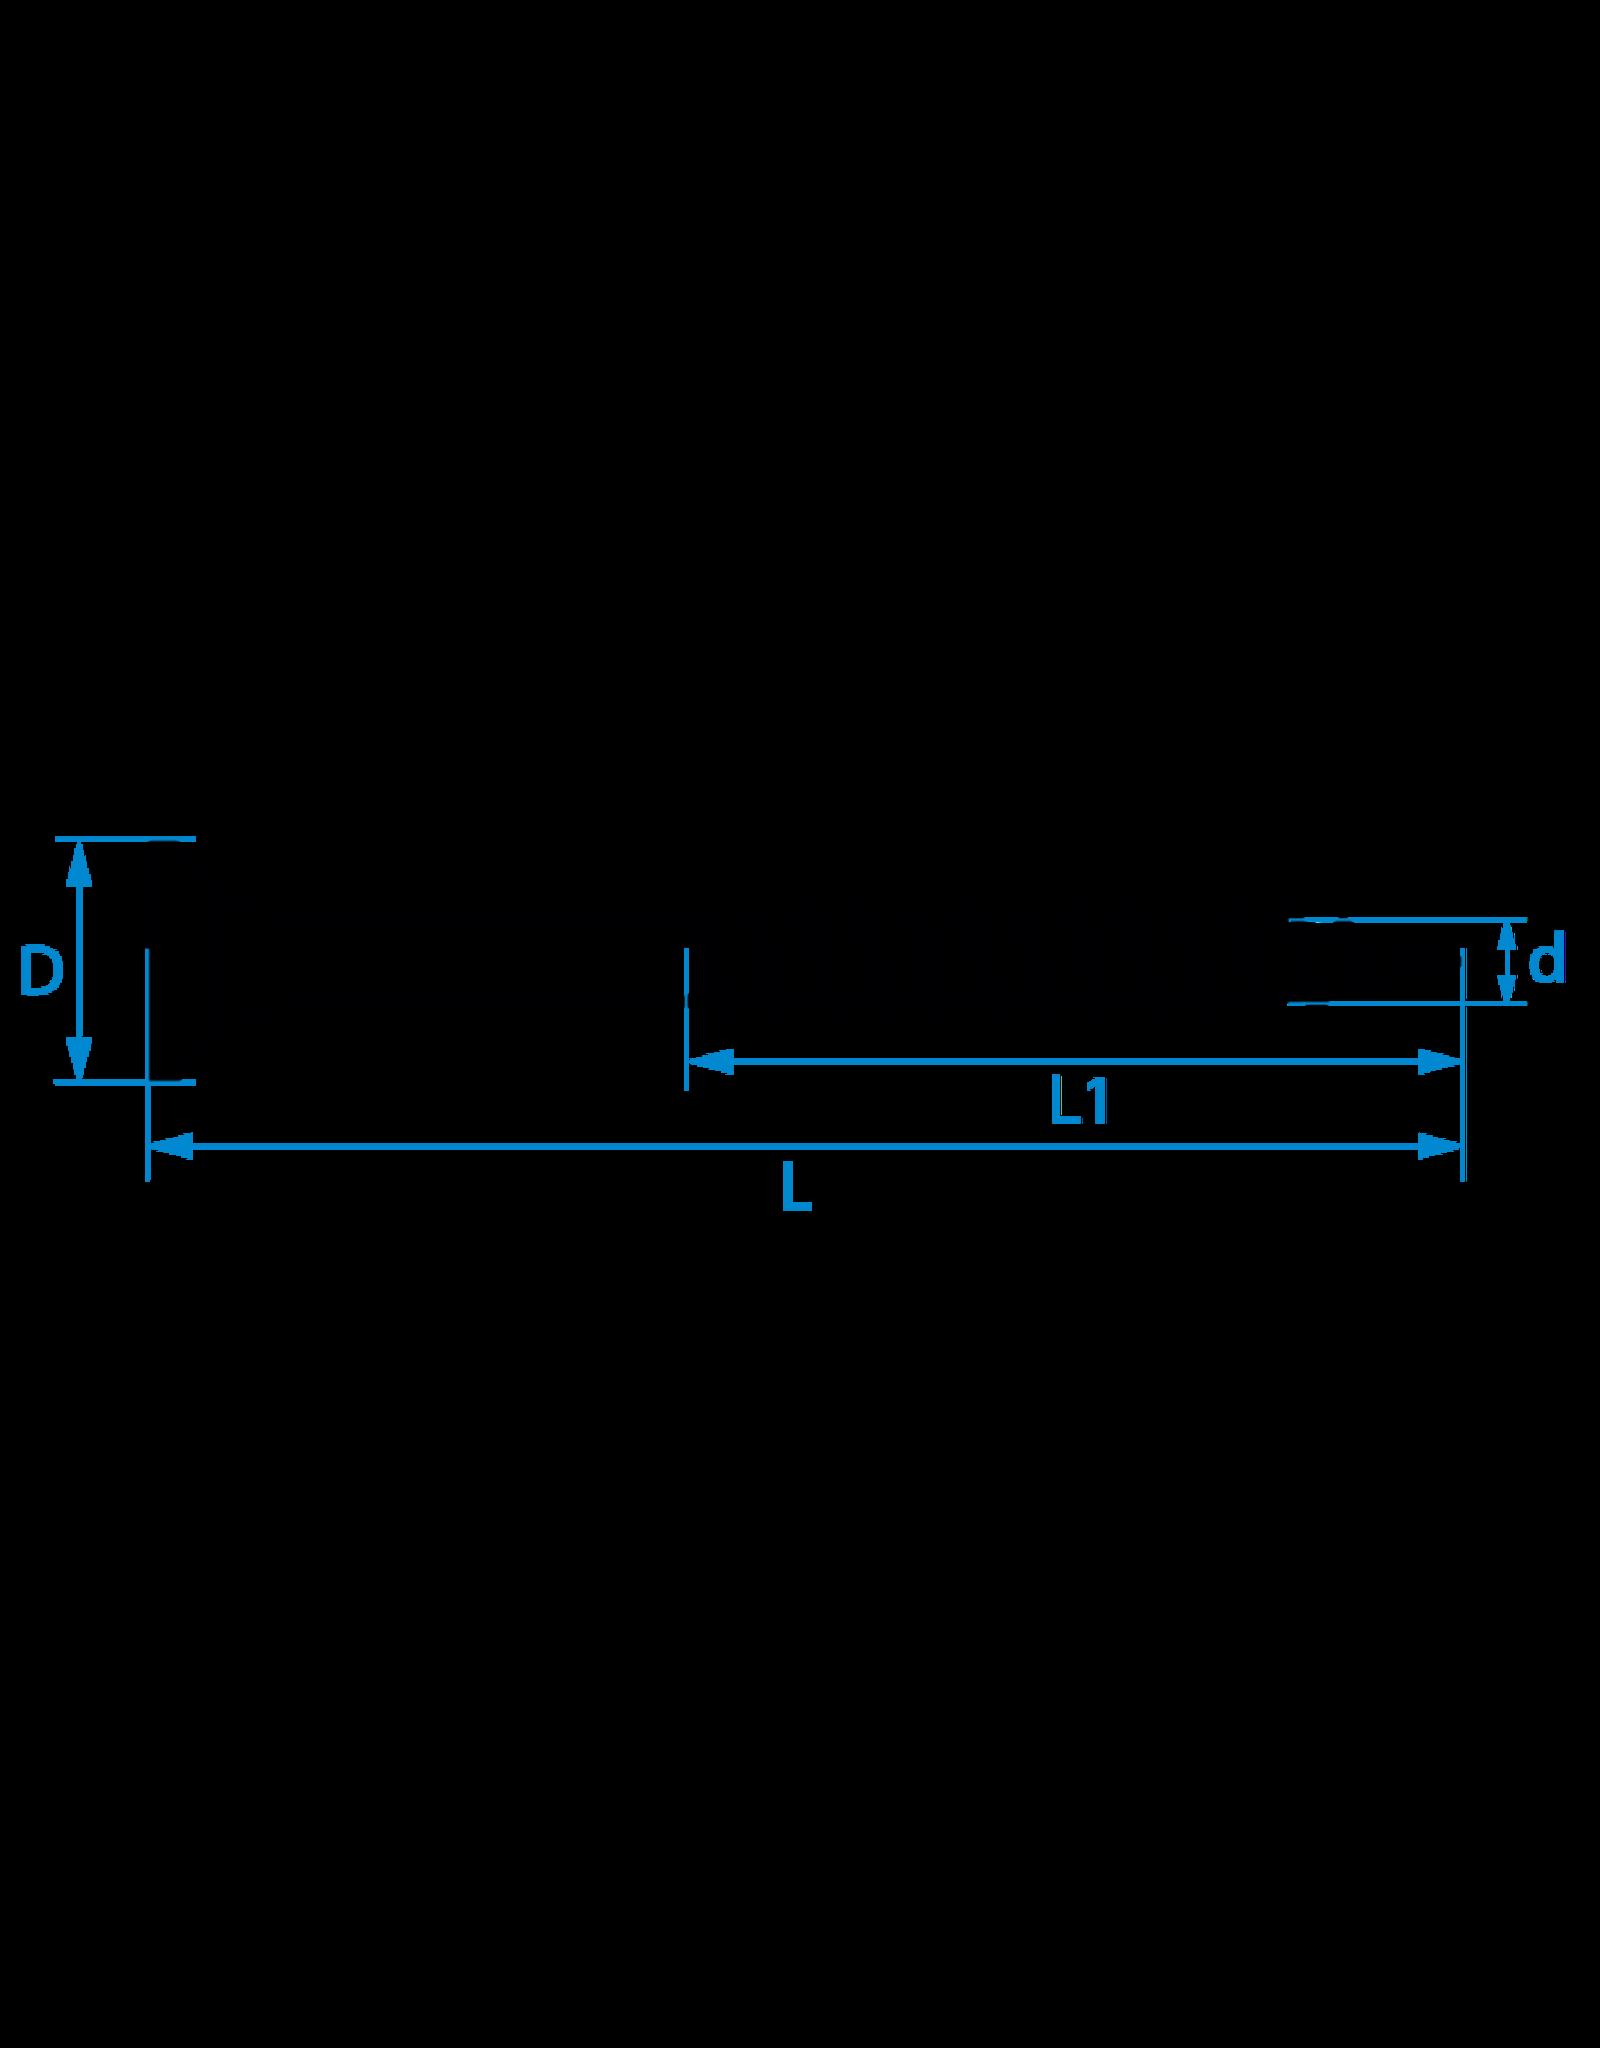 Spaanplaatschroeven platkop deeldraad 6.0x110/70 TX-30 staal gehard verzinkt per 100 stuks